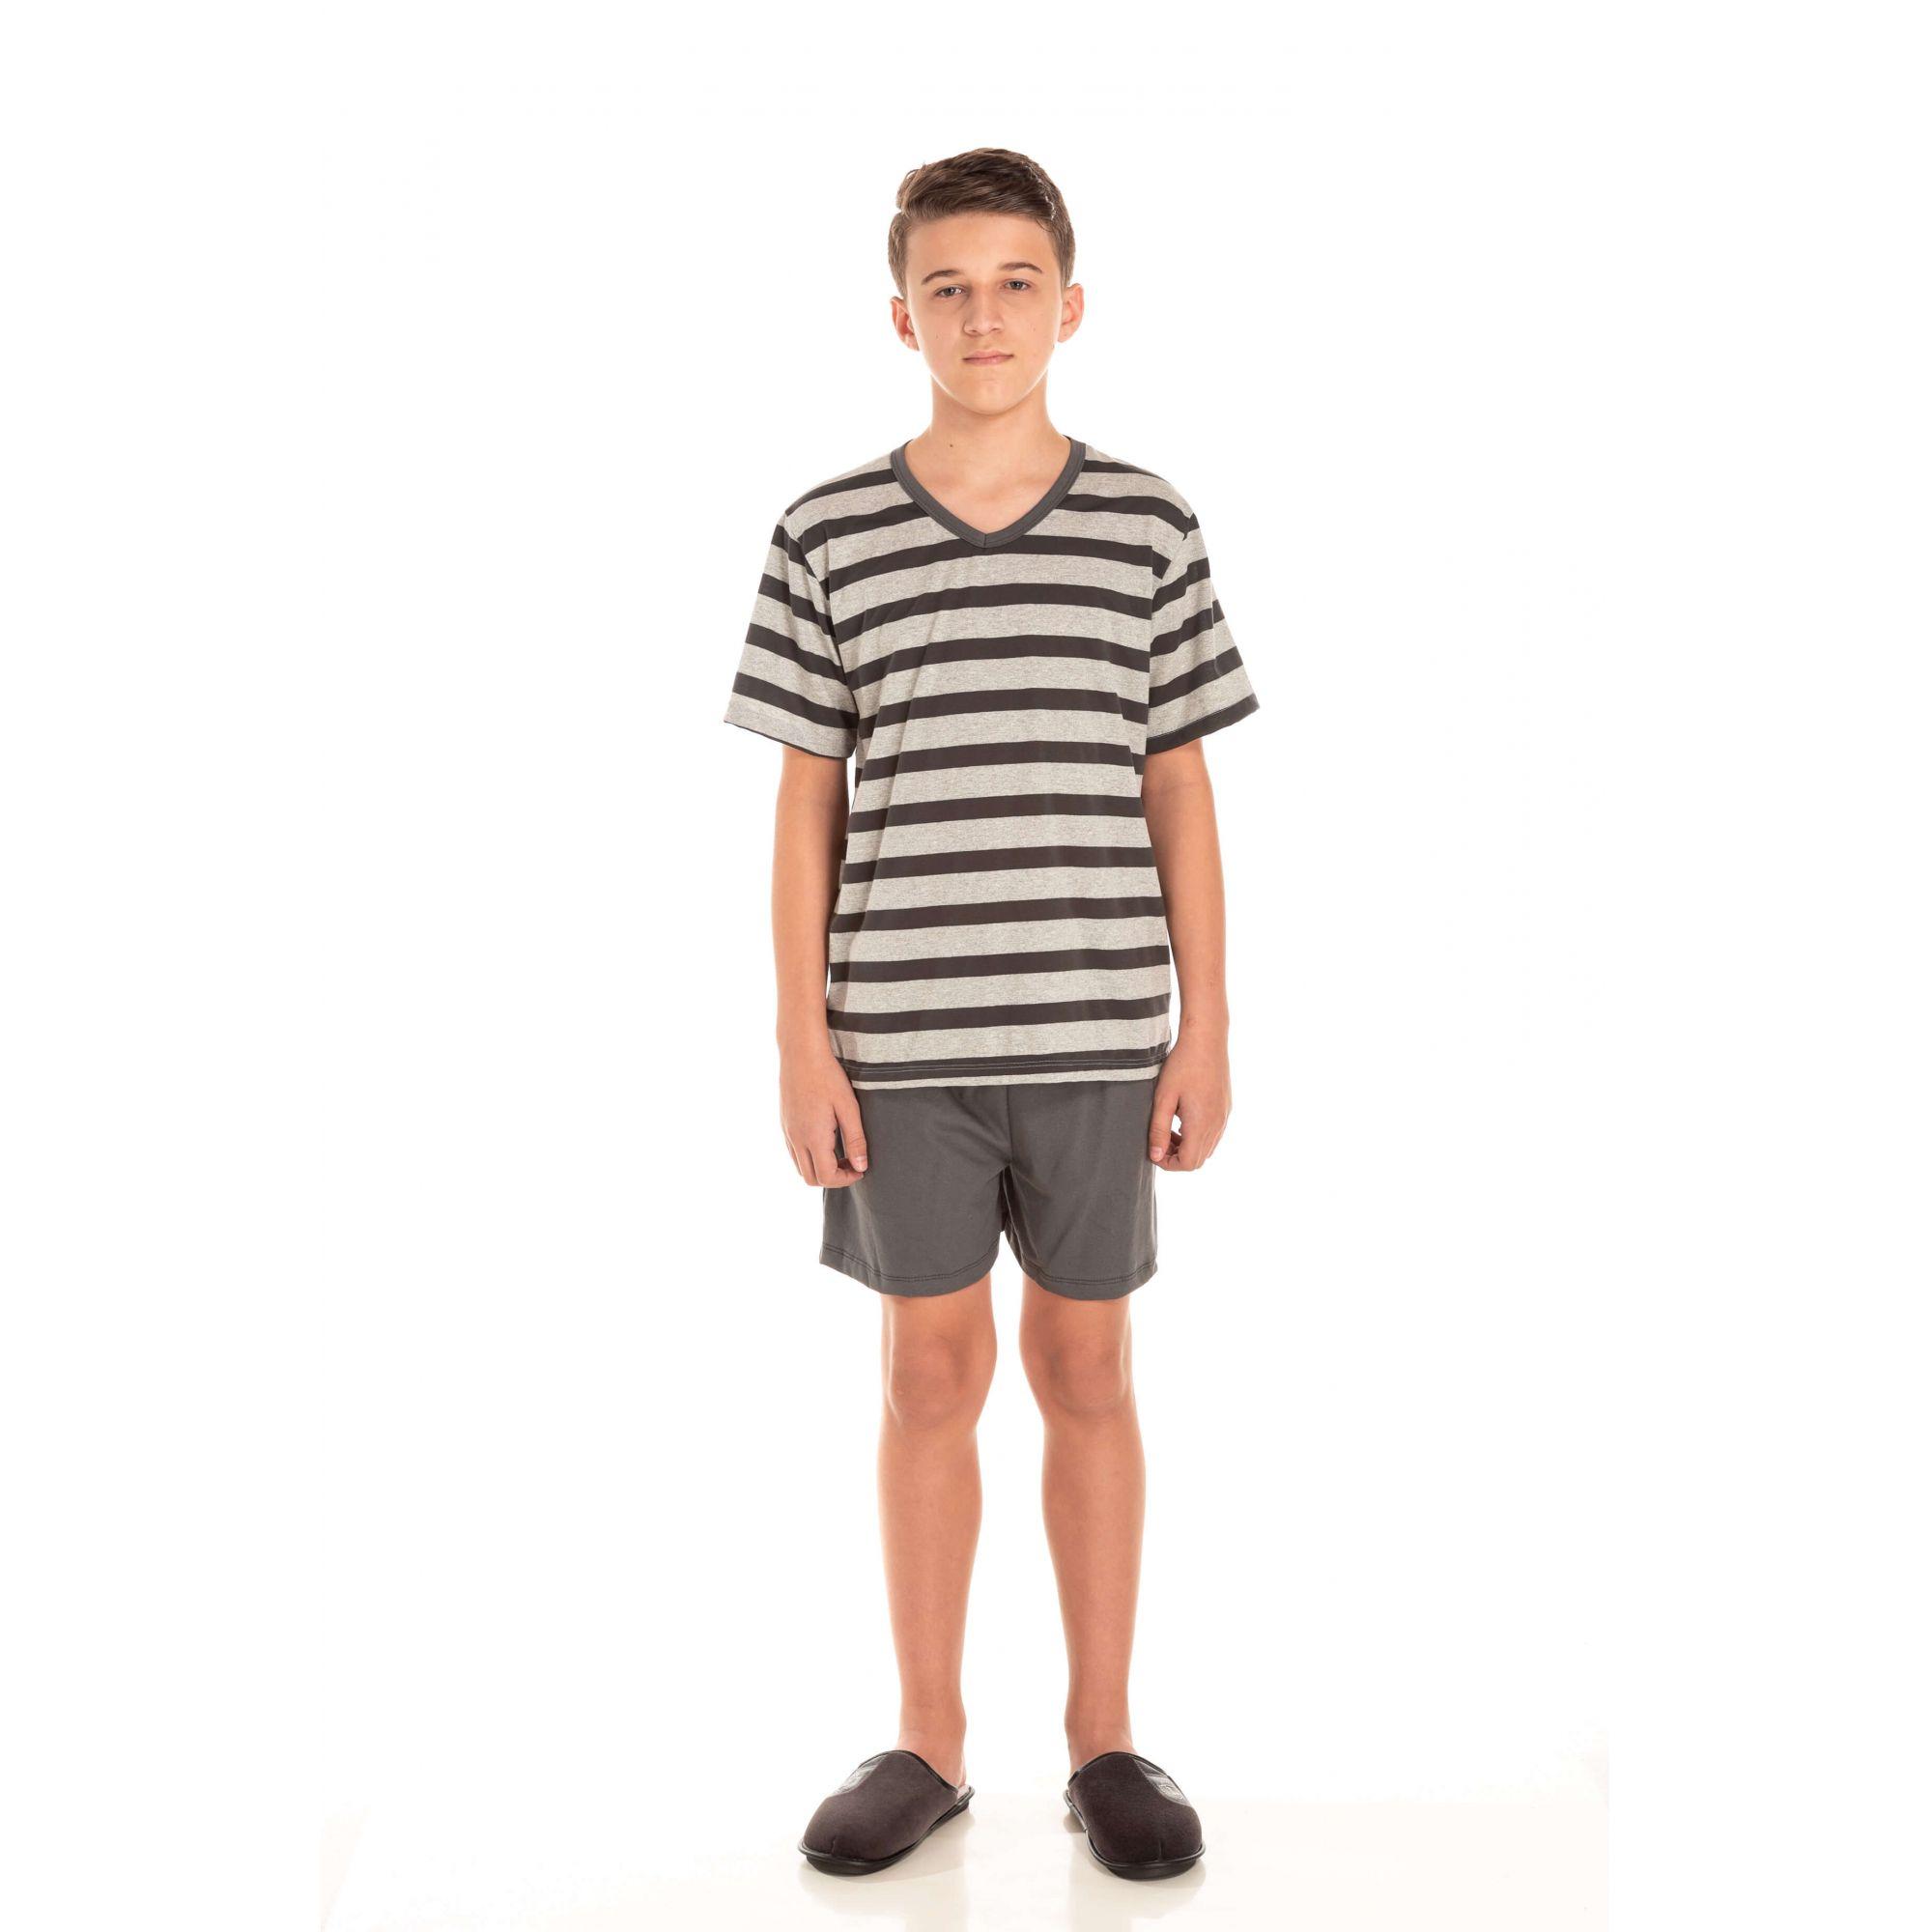 102/B - Pijama Juvenil Curto - Pai e Filho